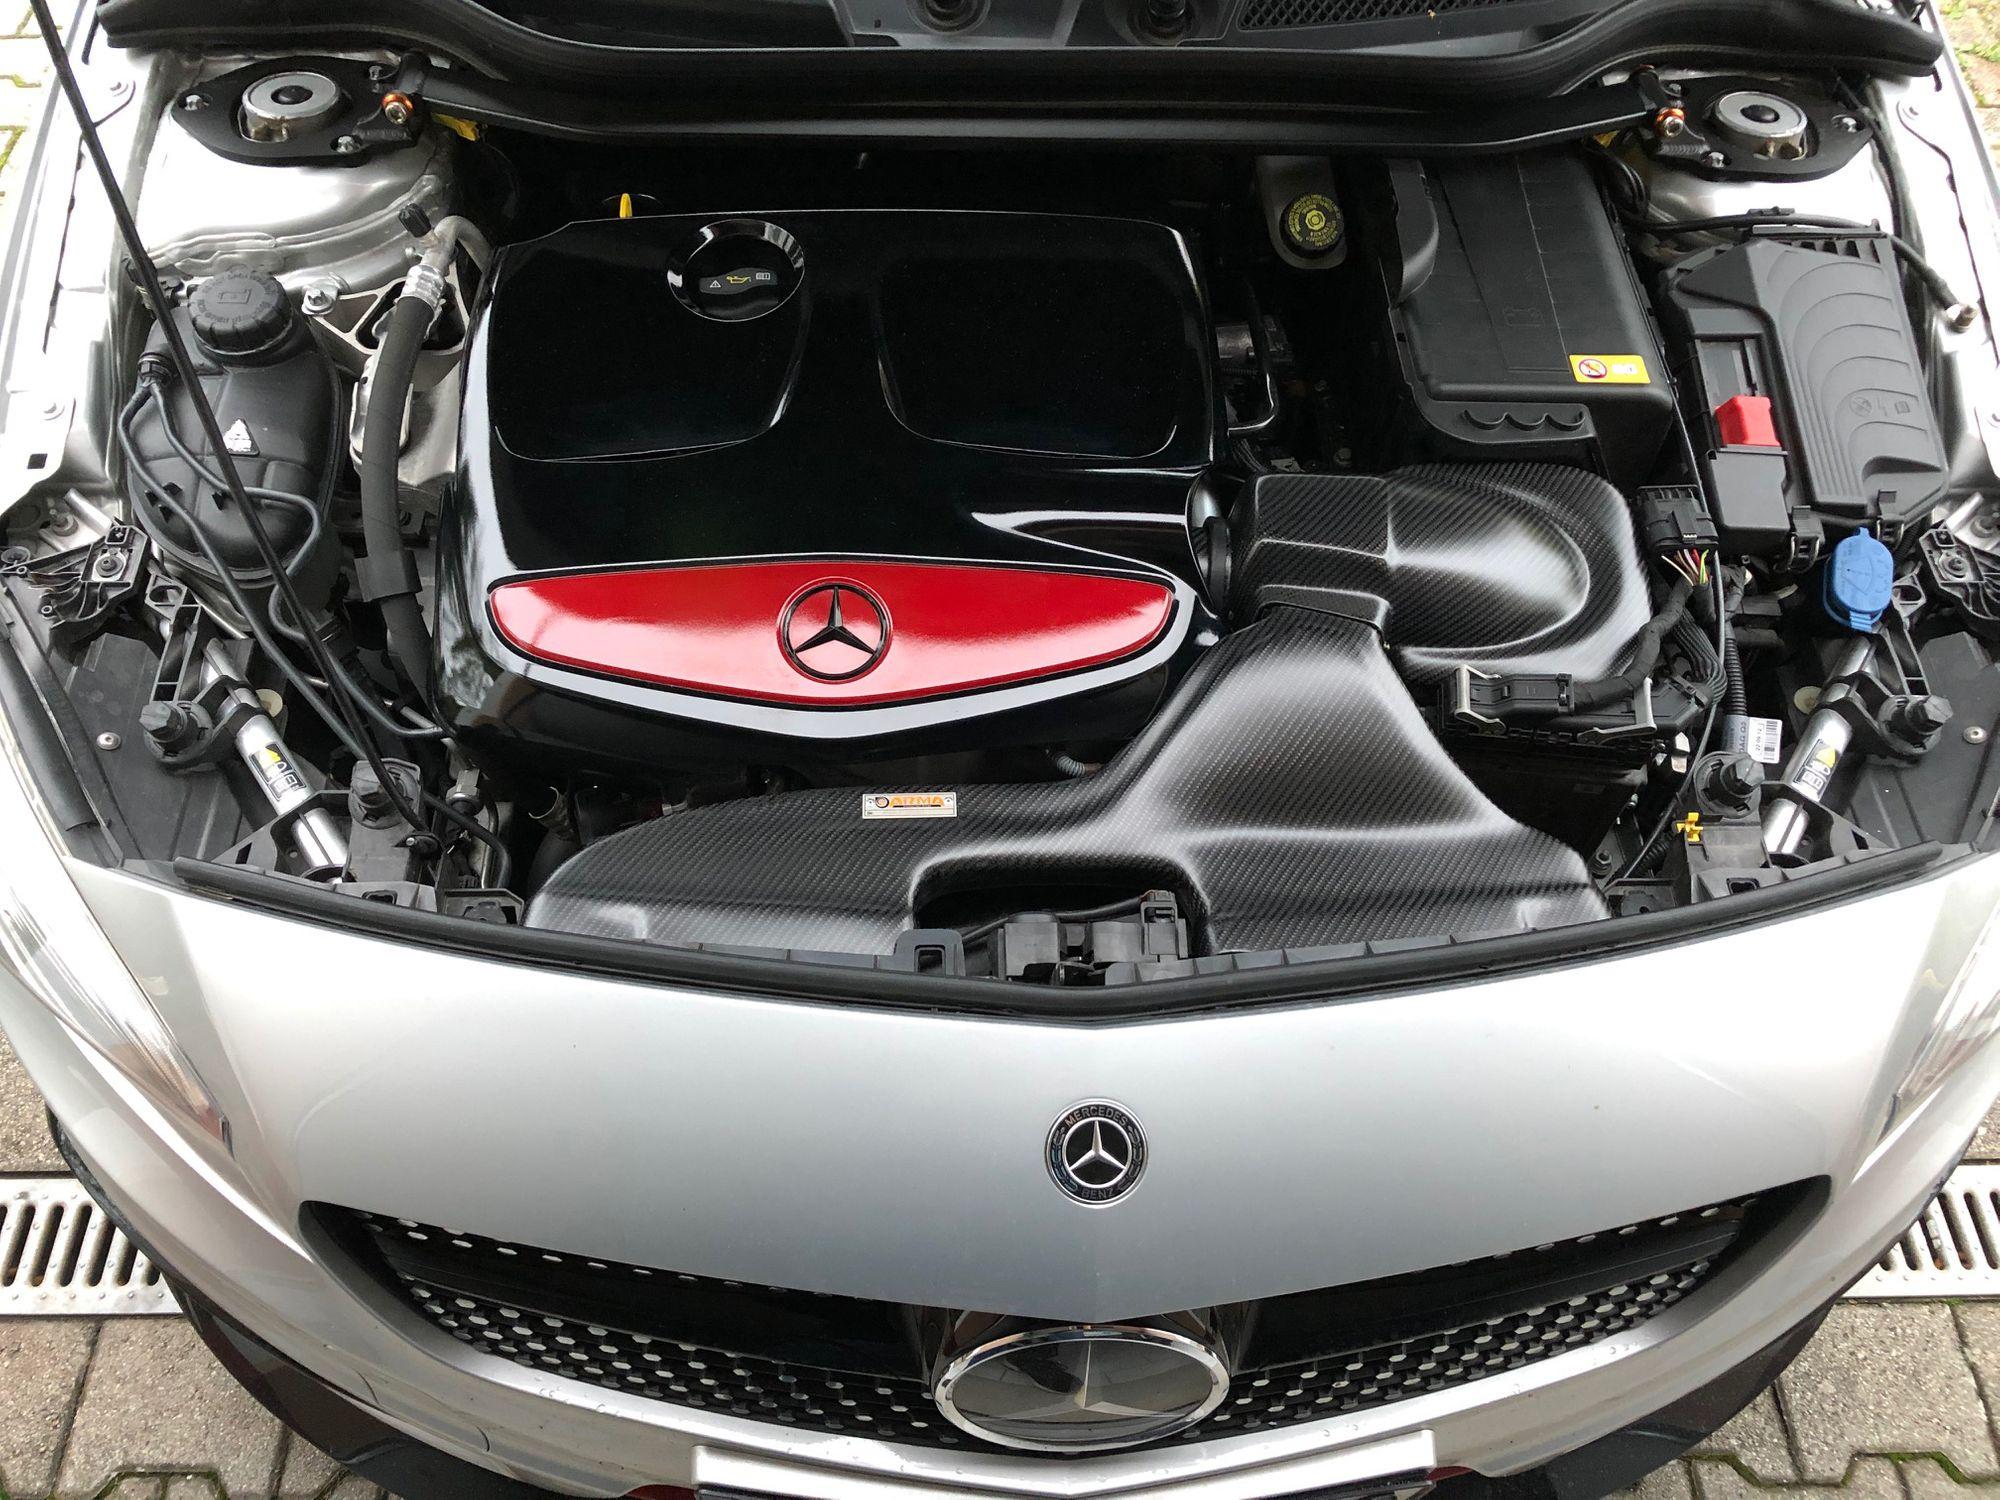 ARMA Carbon Airbox Air Intake Mercedes Benz A250